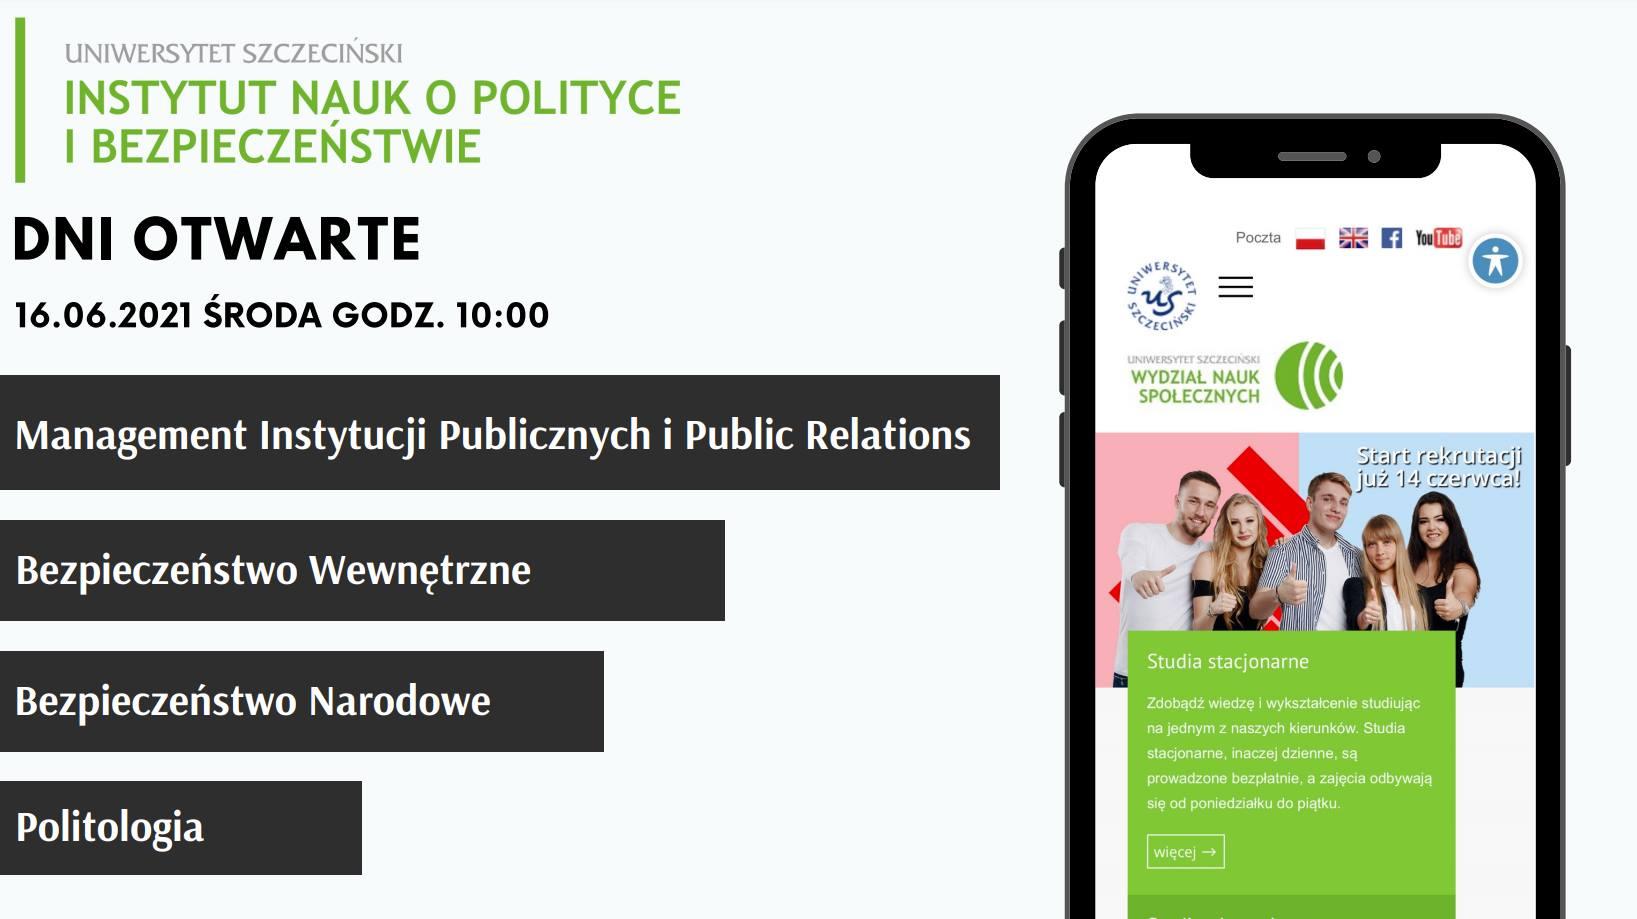 Dzień Otwarty Instytutu Nauk o Polityce i Bezpieczeństwie